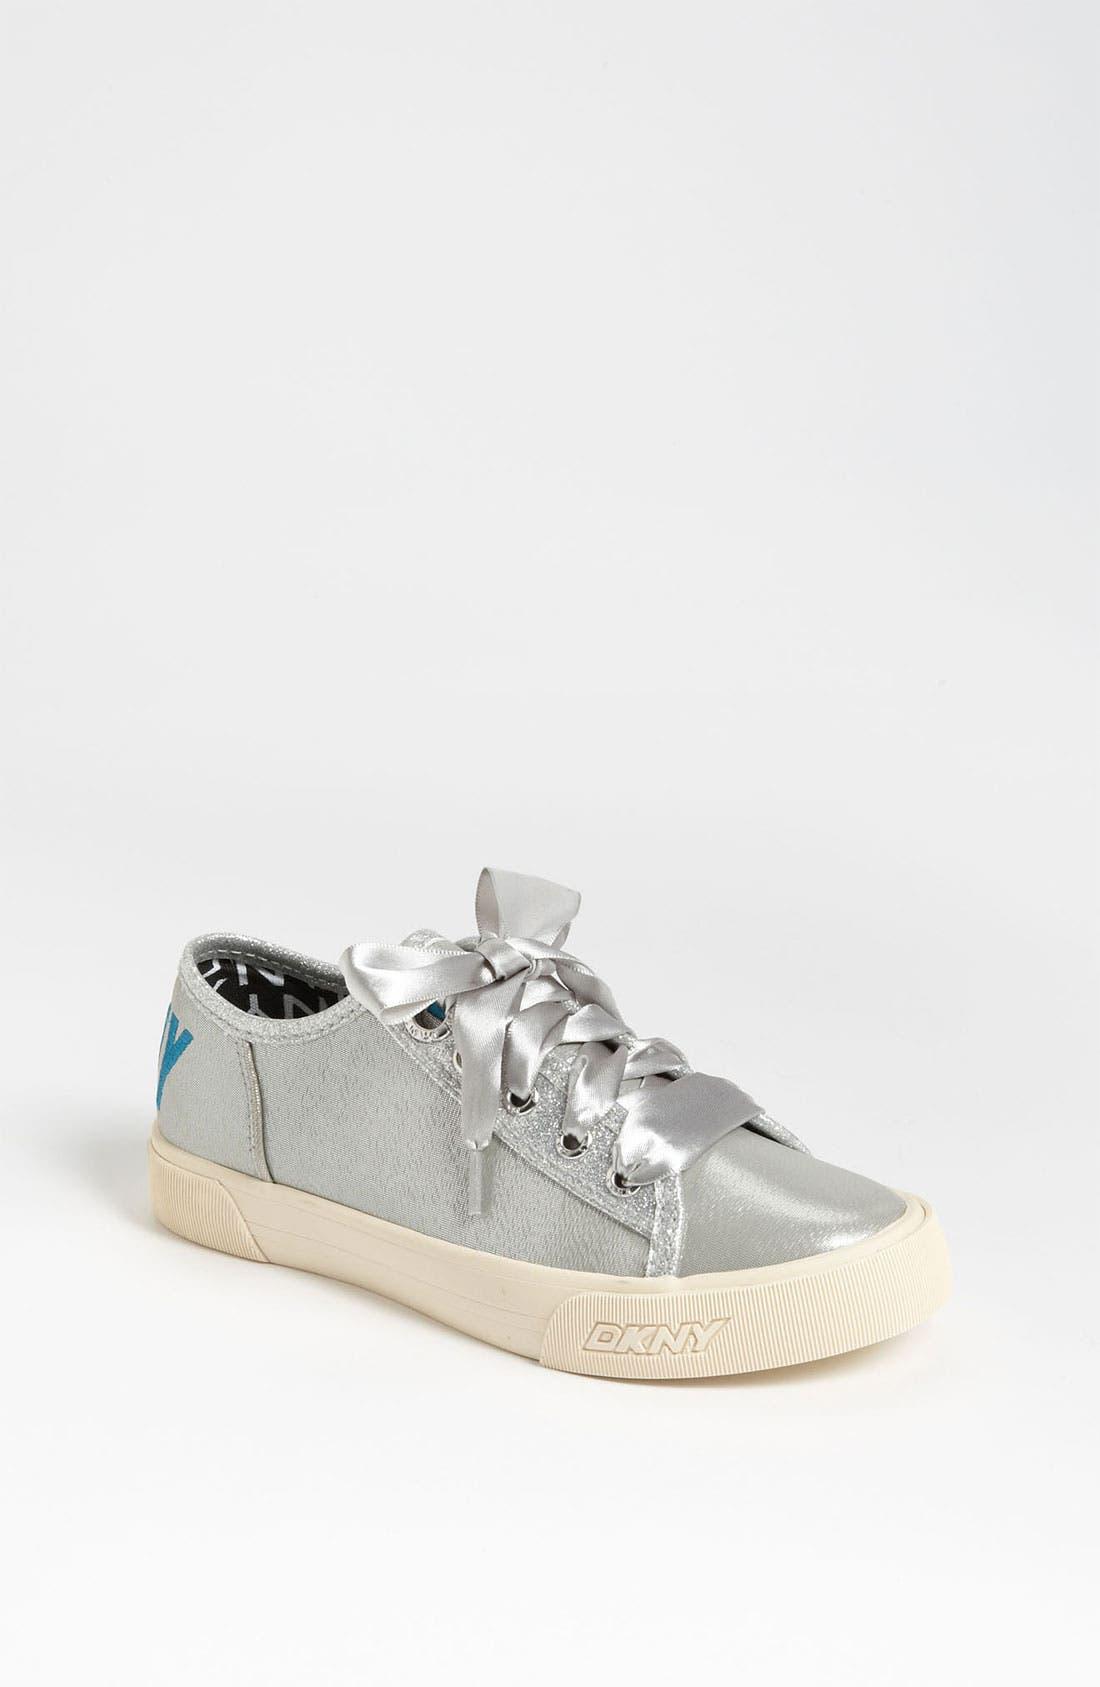 Alternate Image 1 Selected - DKNY 'Linden' Sparkle Sneaker (Toddler, Little Kid & Big Kid)